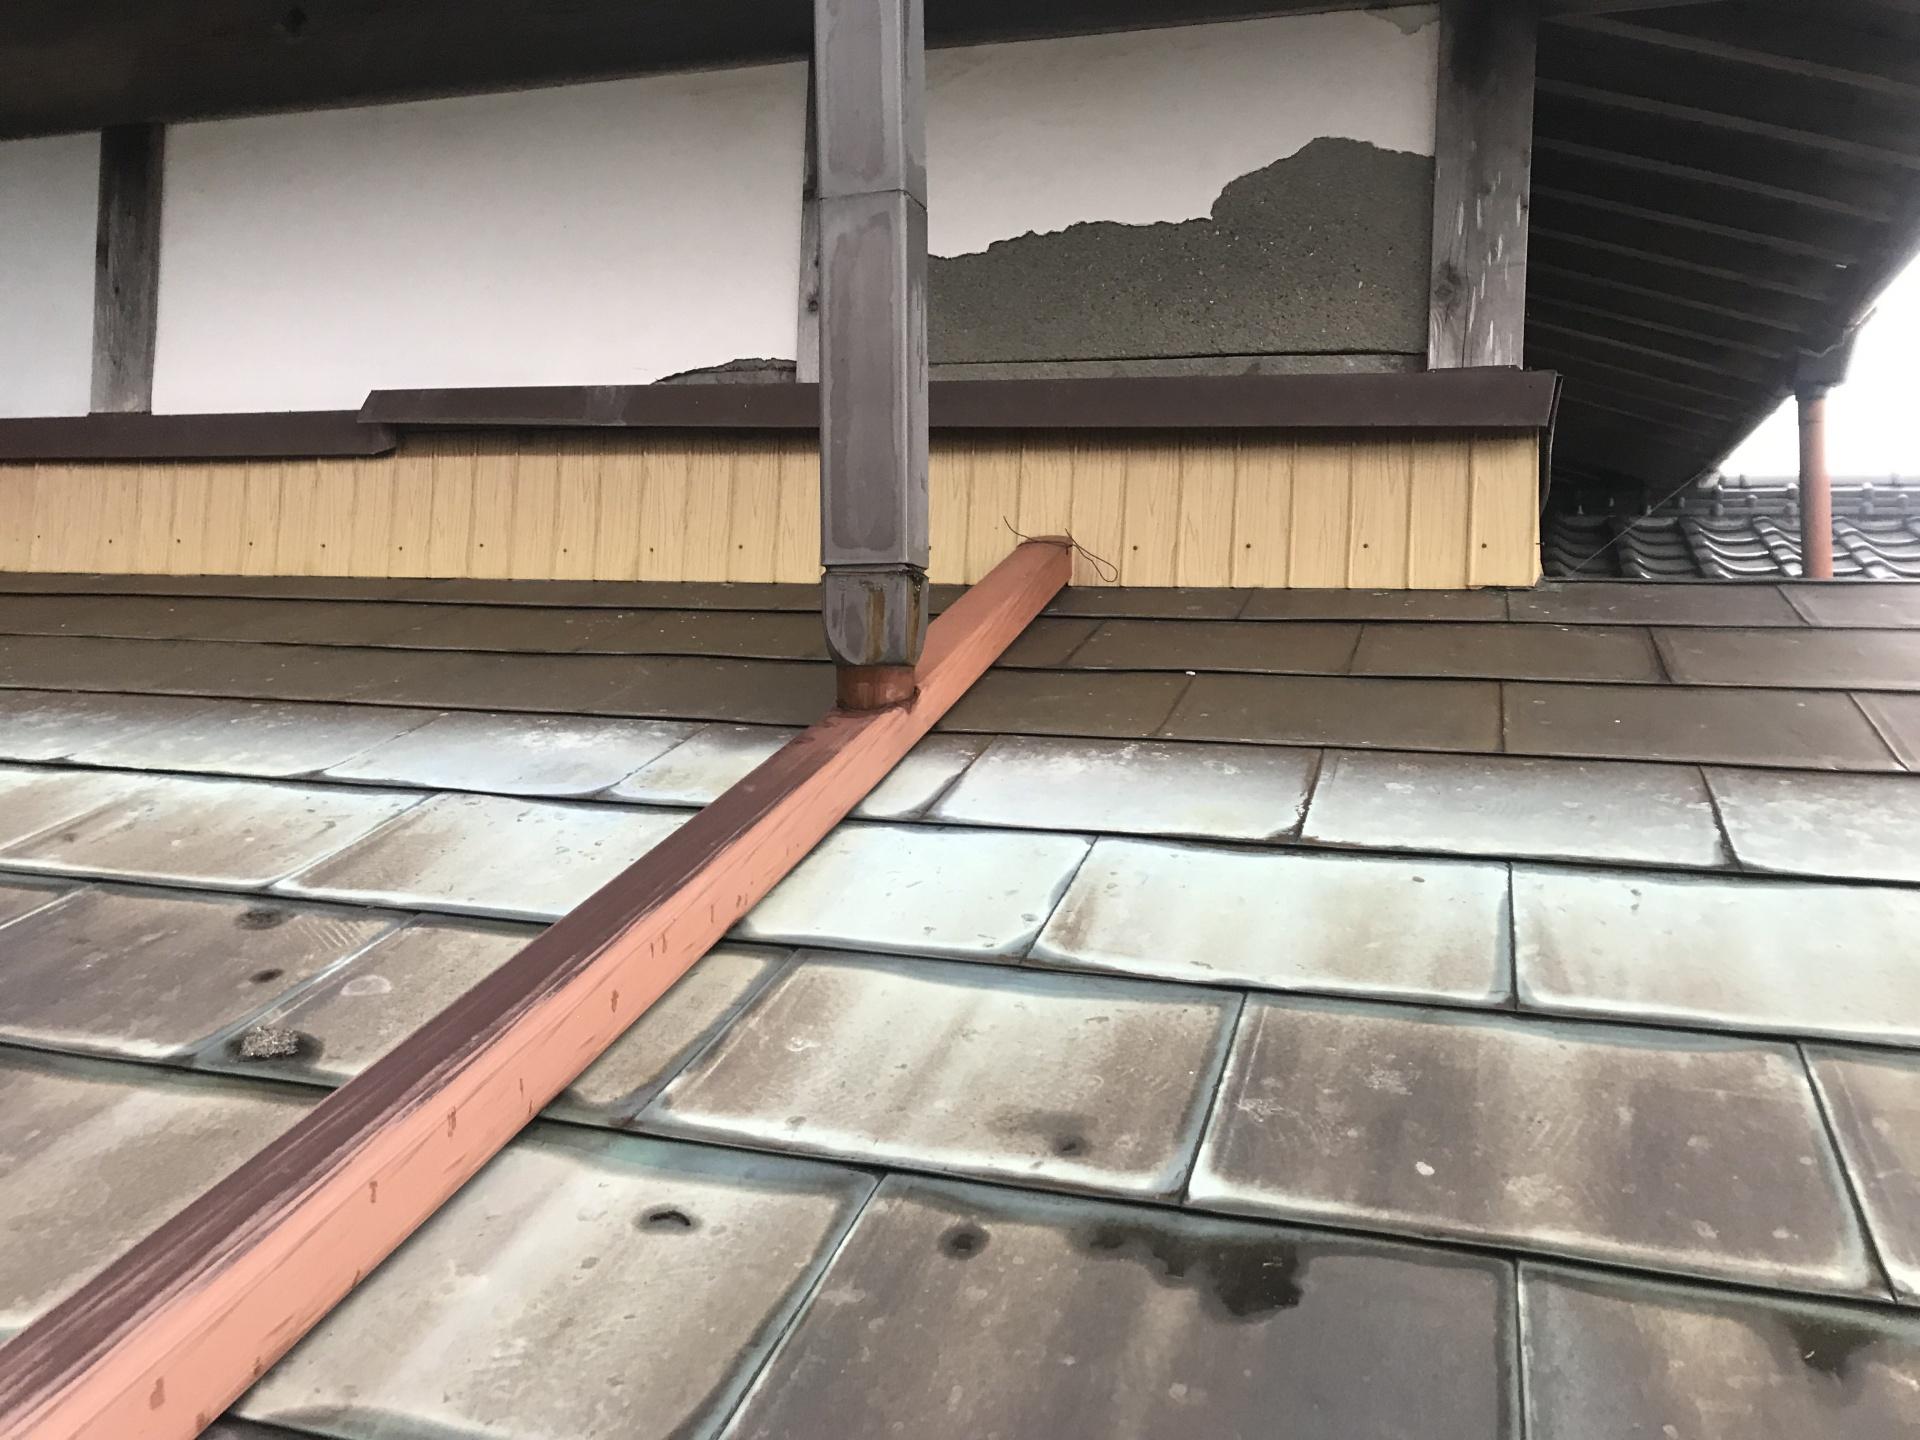 ベランダ雨漏り調査、モルタル壁